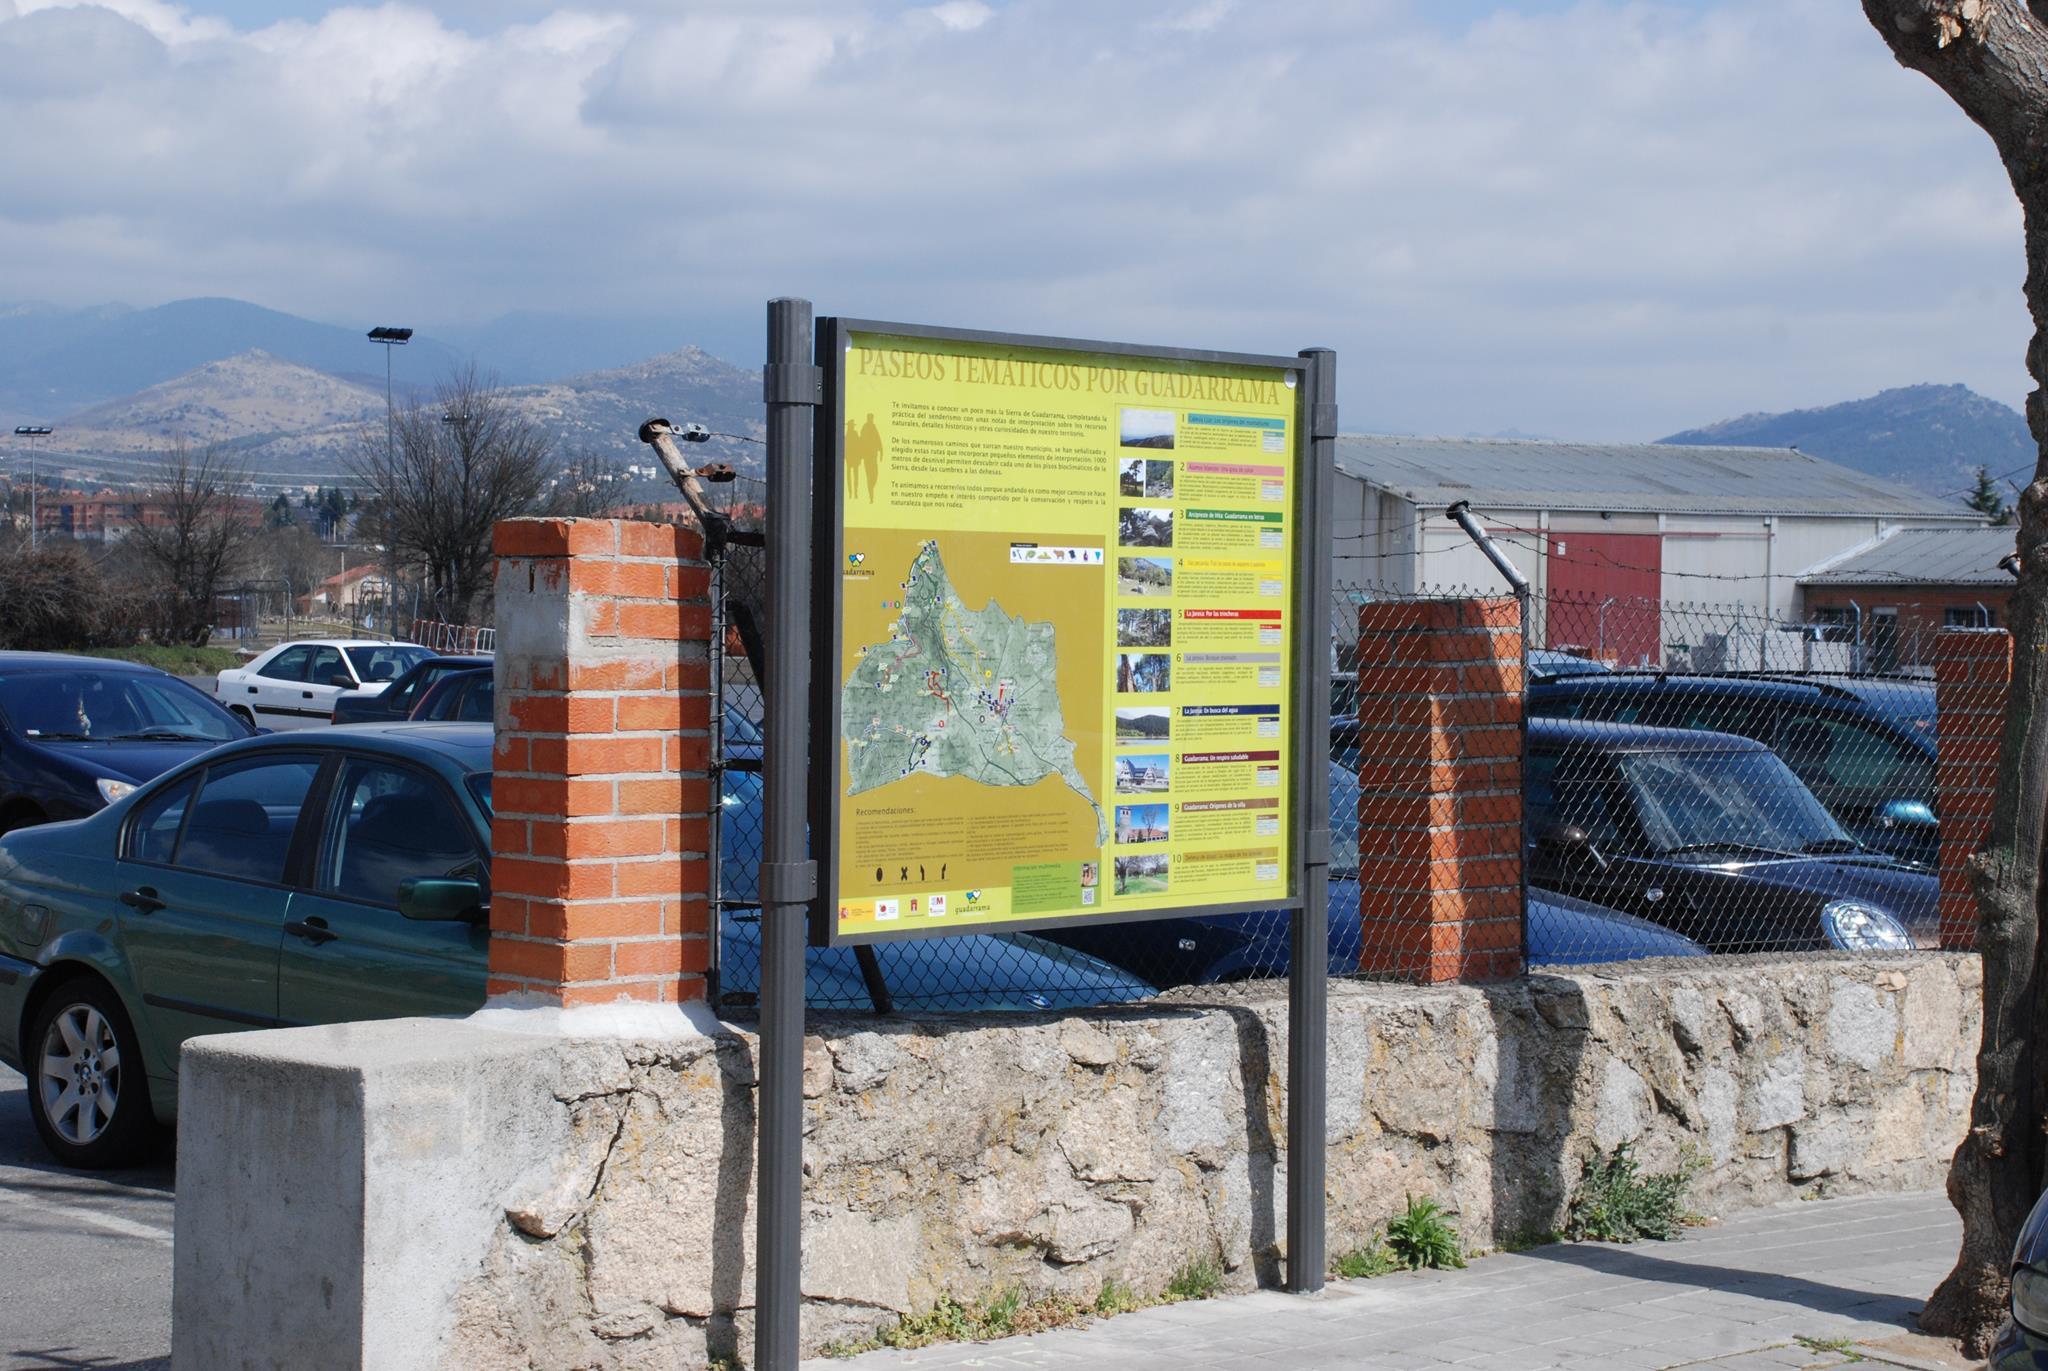 91.3 Punto información turística (3) (Copy)